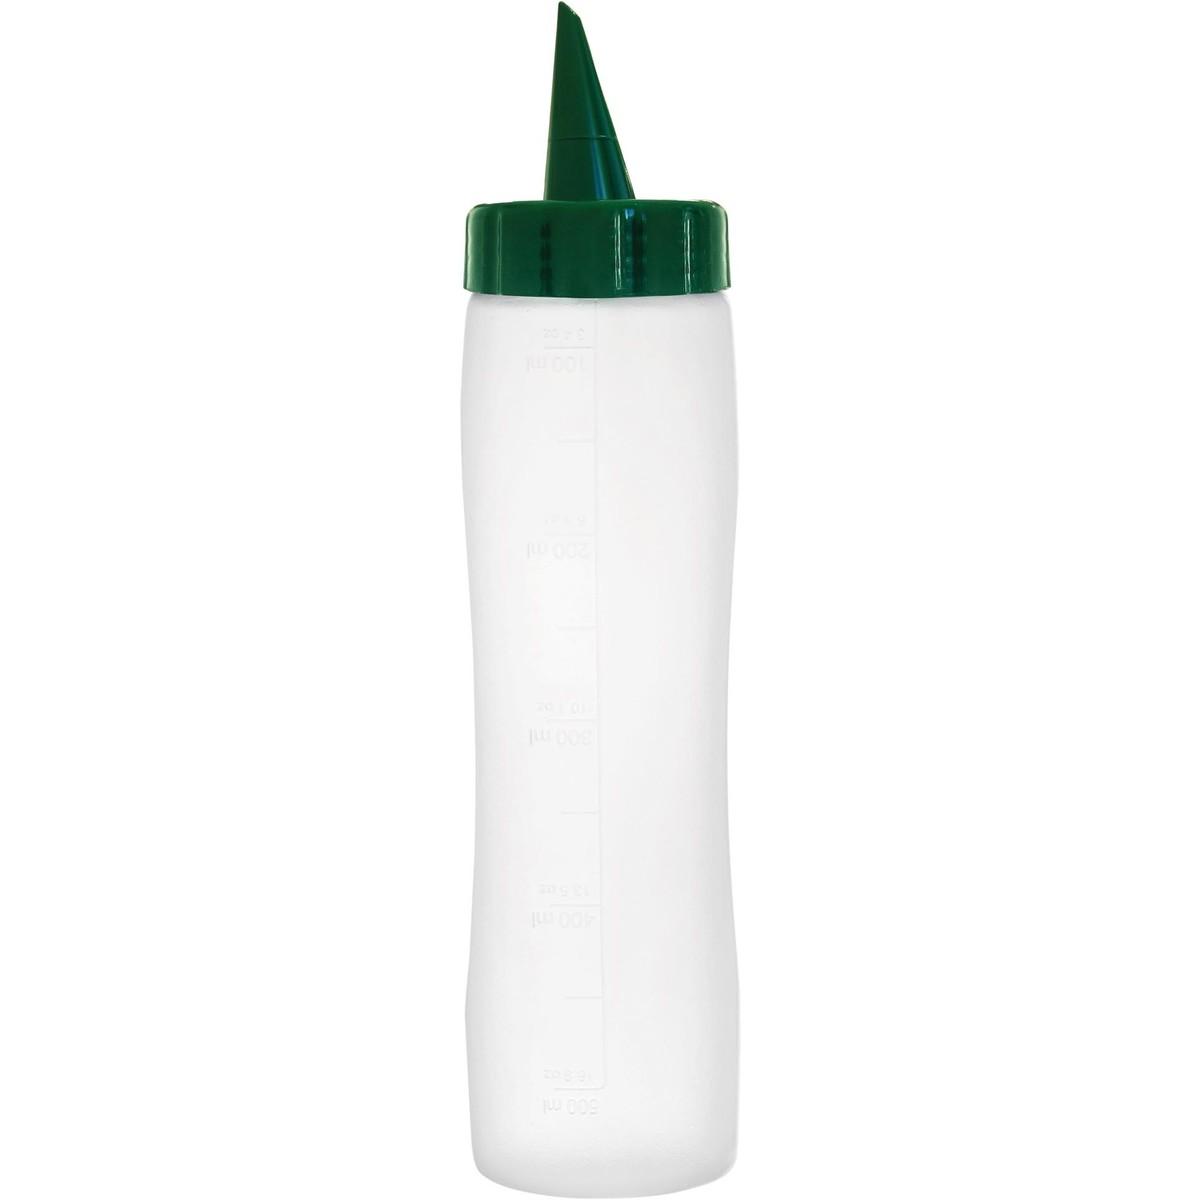 Dosierflasche 0,5 Liter